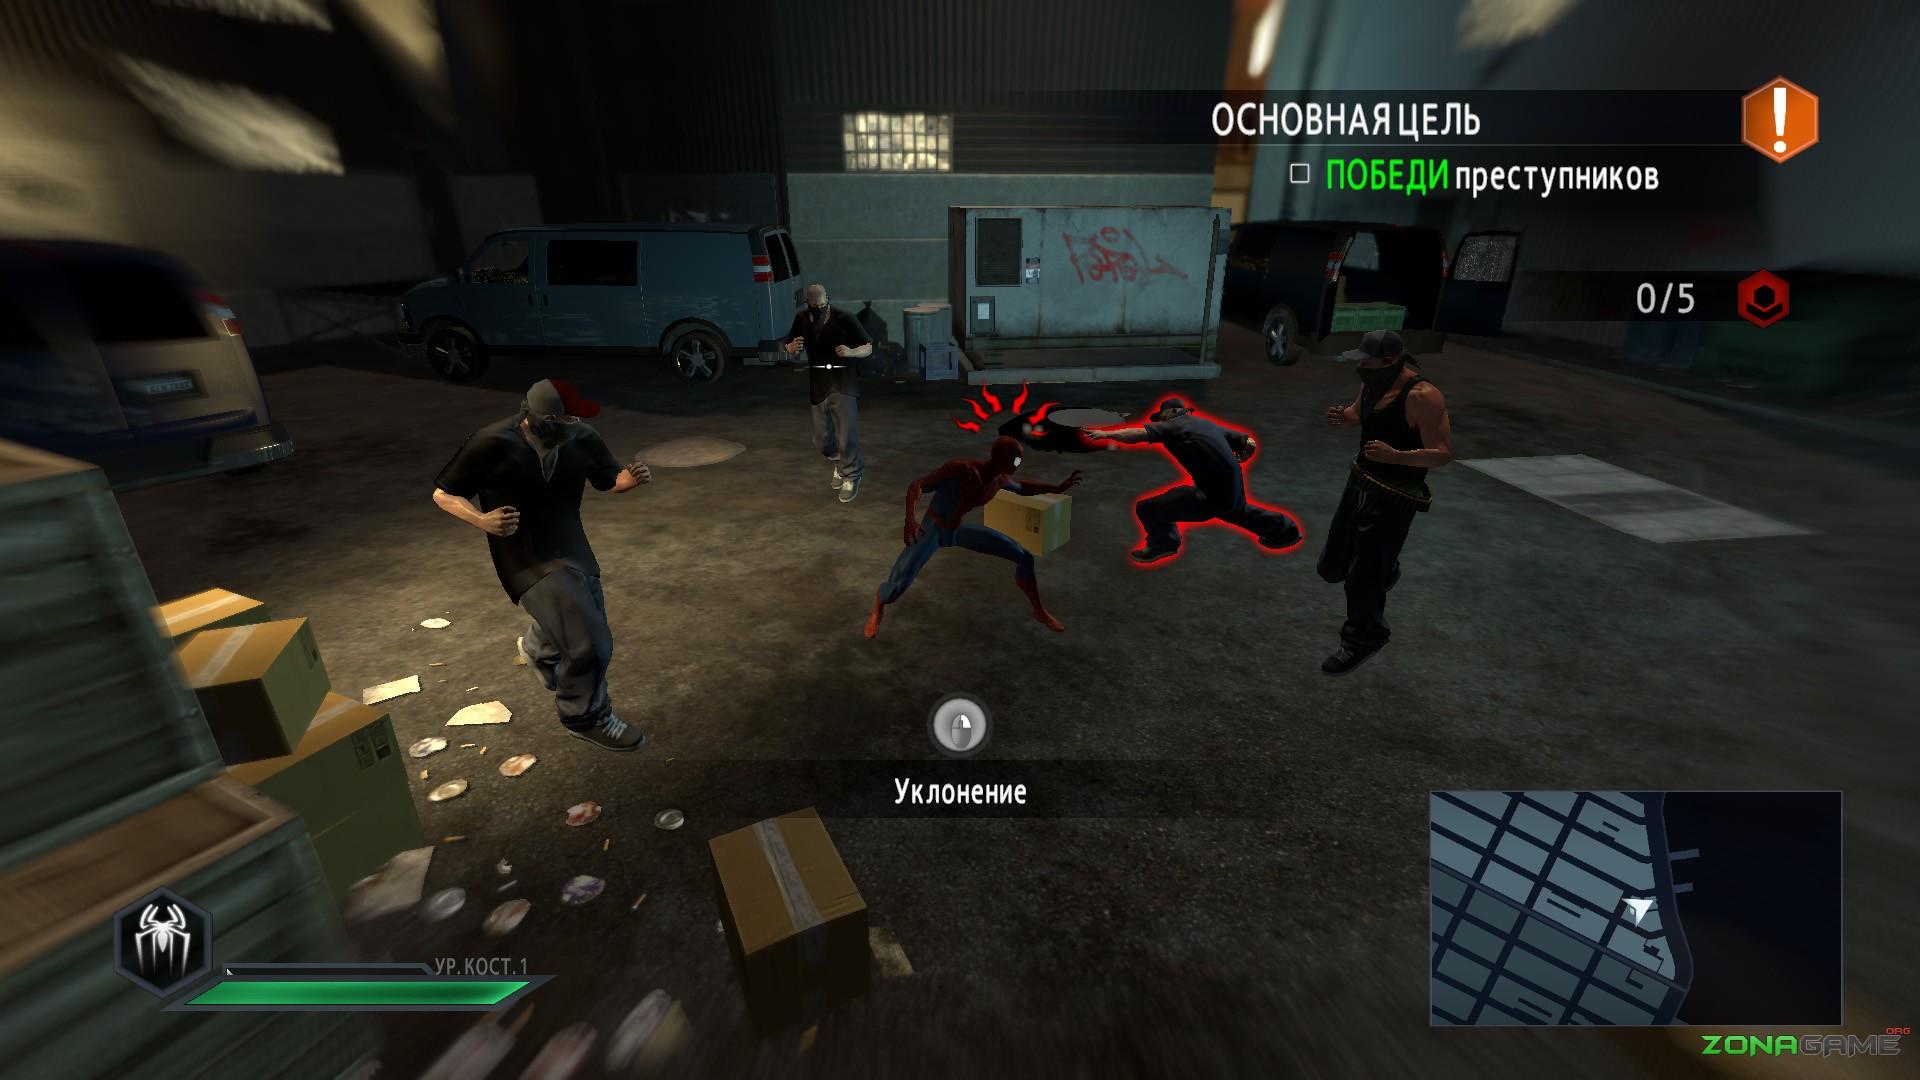 скачать человек паук 2 игра на компьютер бесплатно